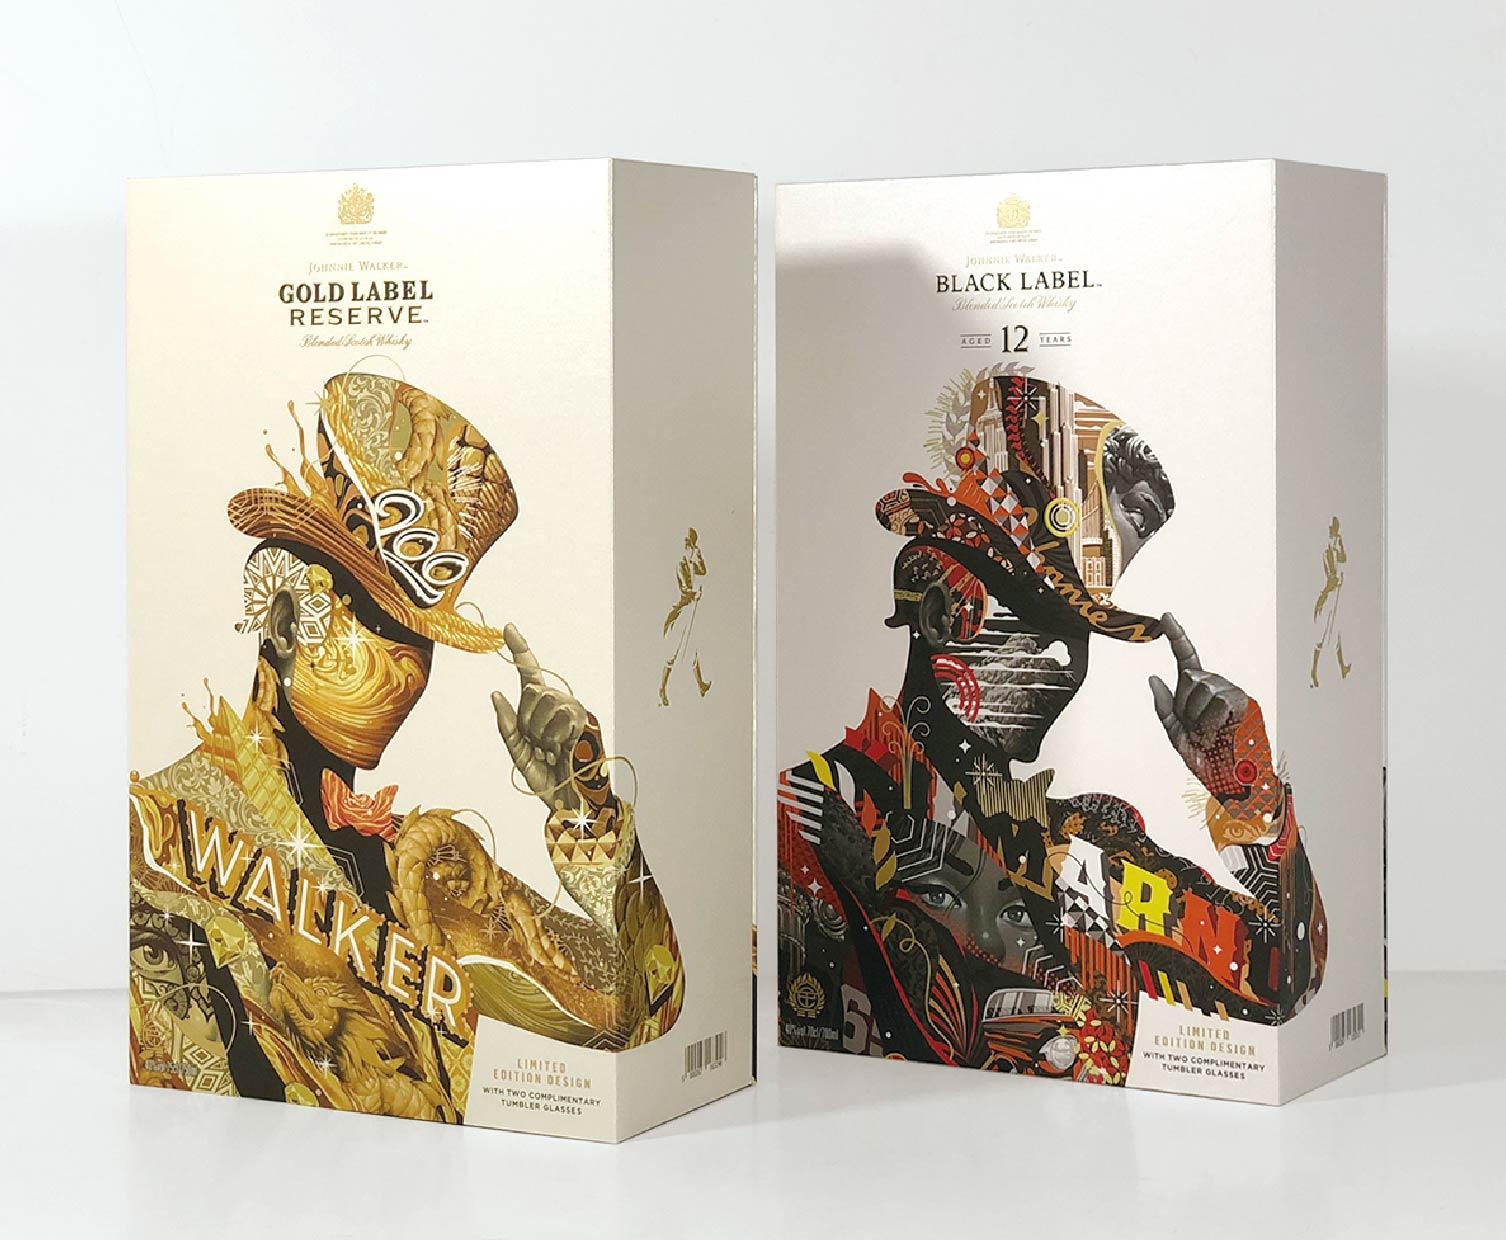 酒盒礼品包装设计具有一定的人文内涵和美好寓意-济南尚邦佳品包装制品有限公司